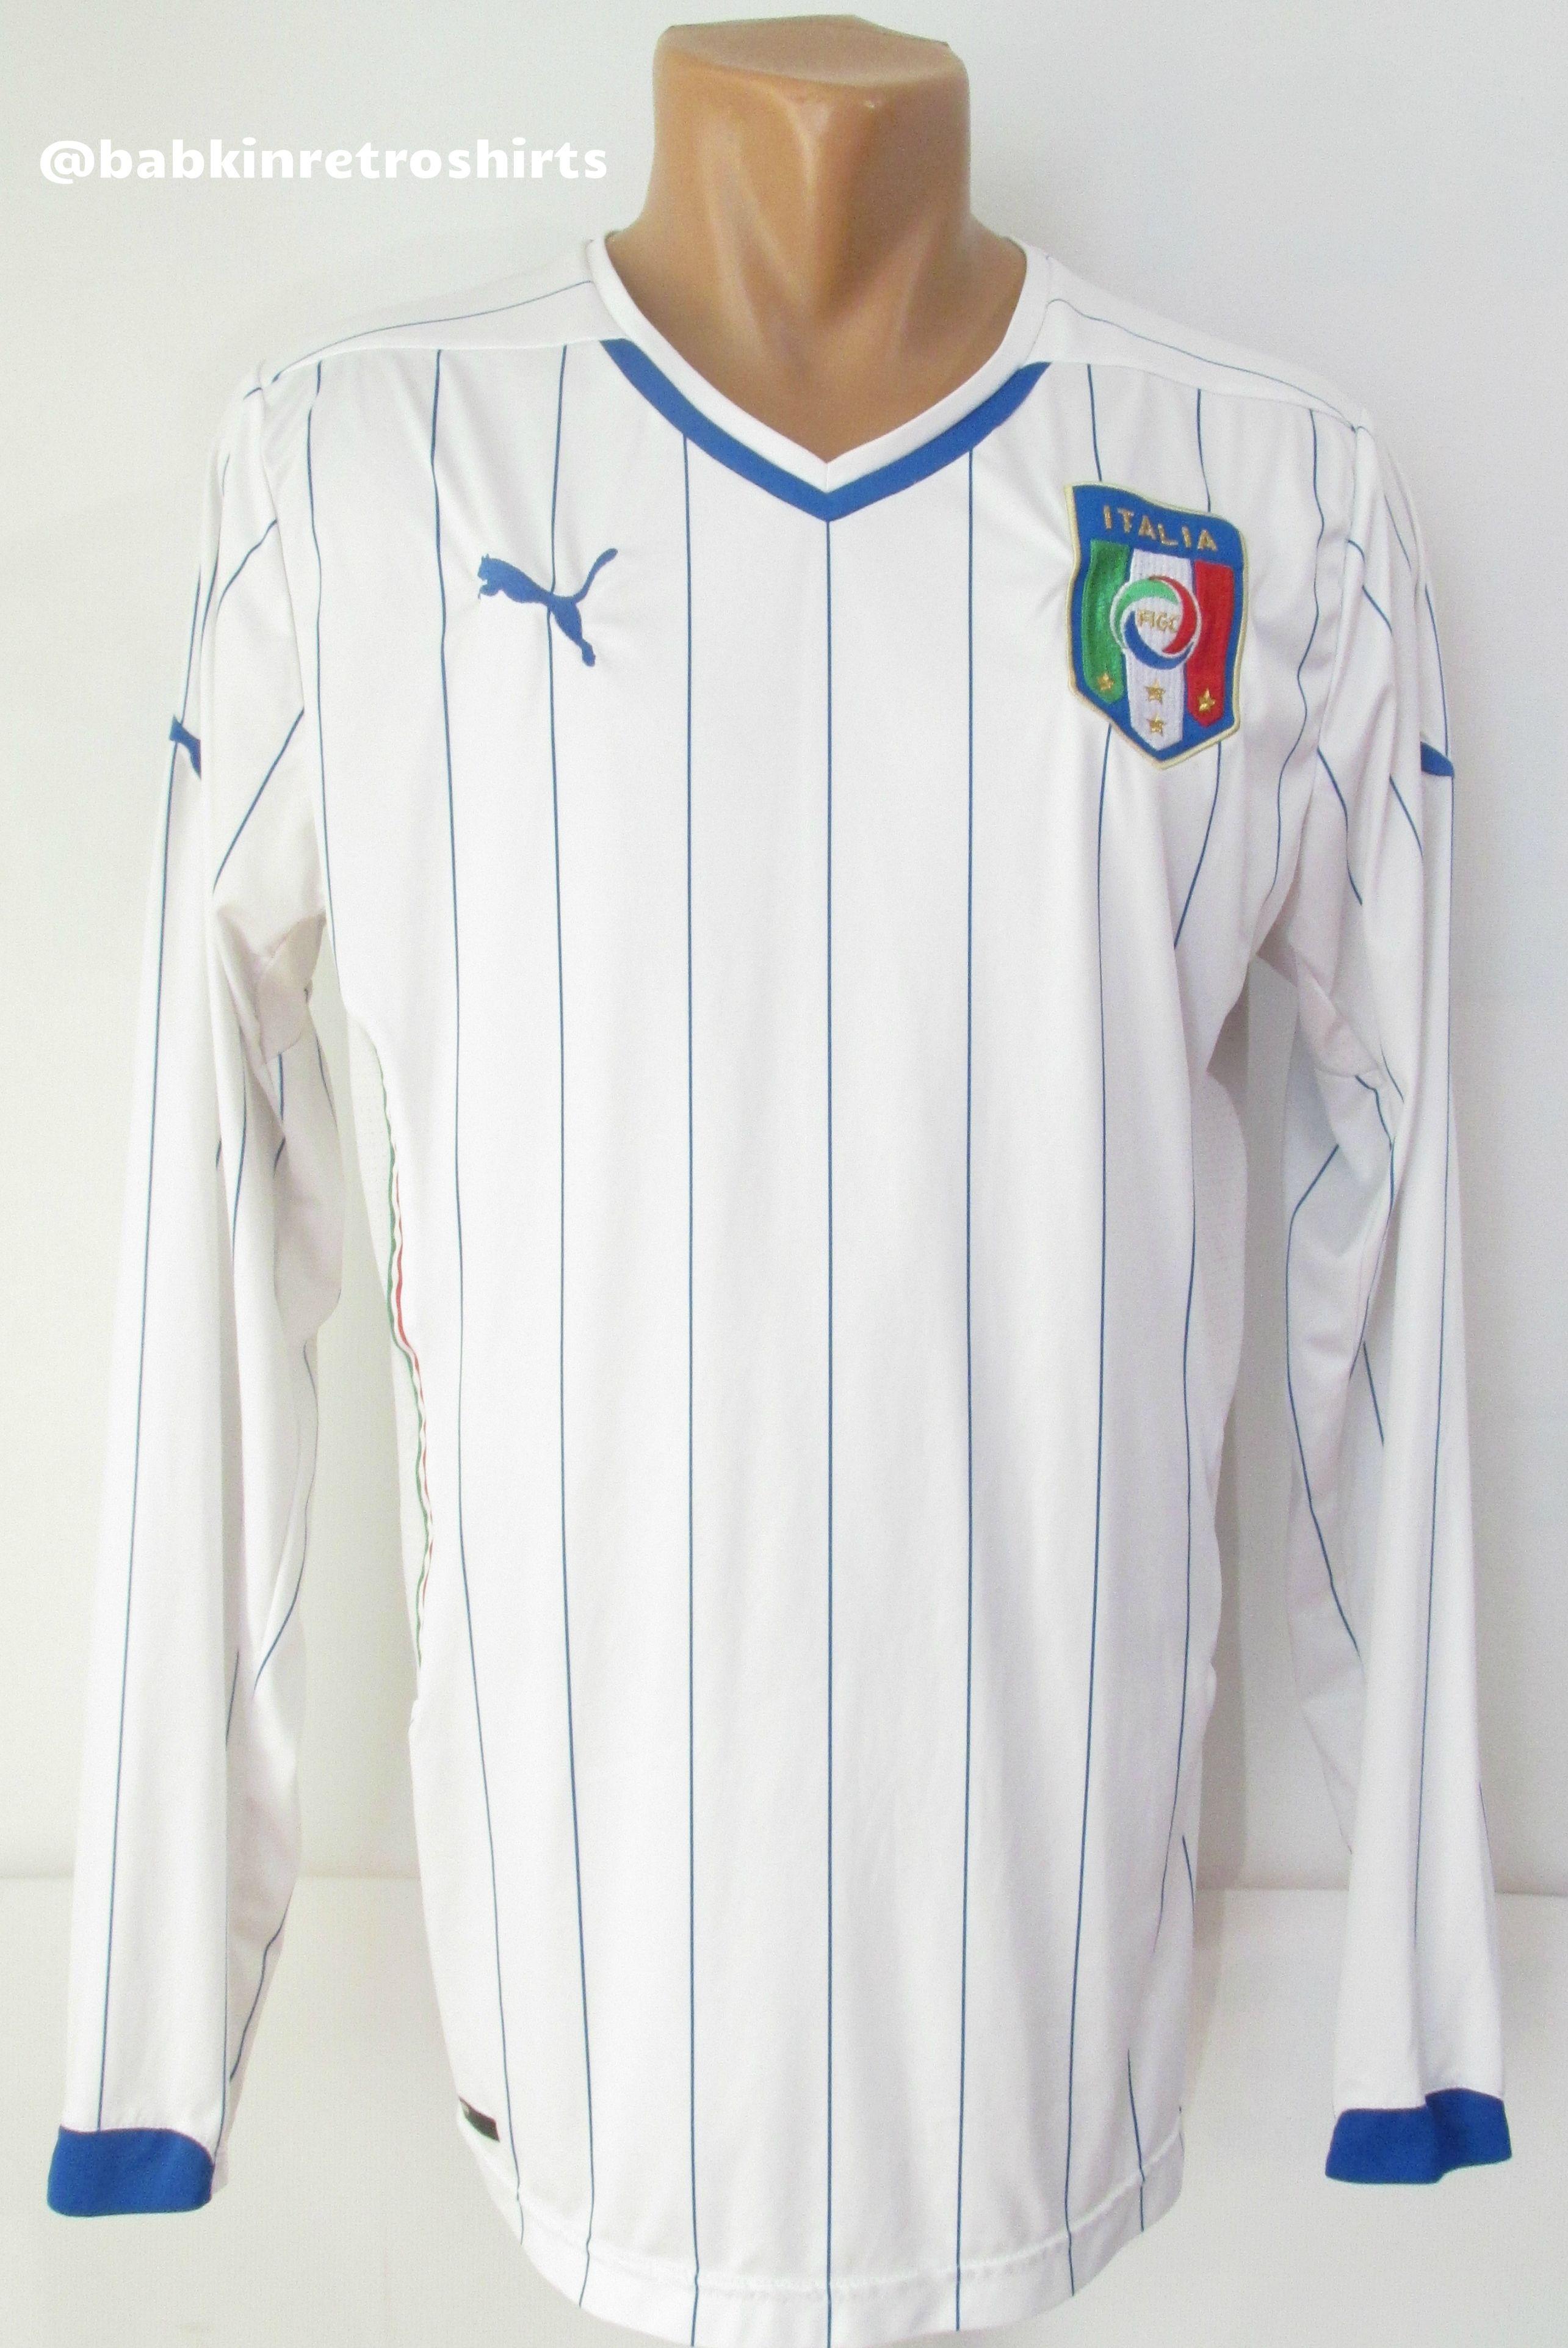 Italy 2014 2015 Away Football Shirt By Puma Calcio Soccer Maglia Squadraazzurra Soccer Jersey Italy Italia Squa Soccer Shirts Football Shirts Soccer Jersey